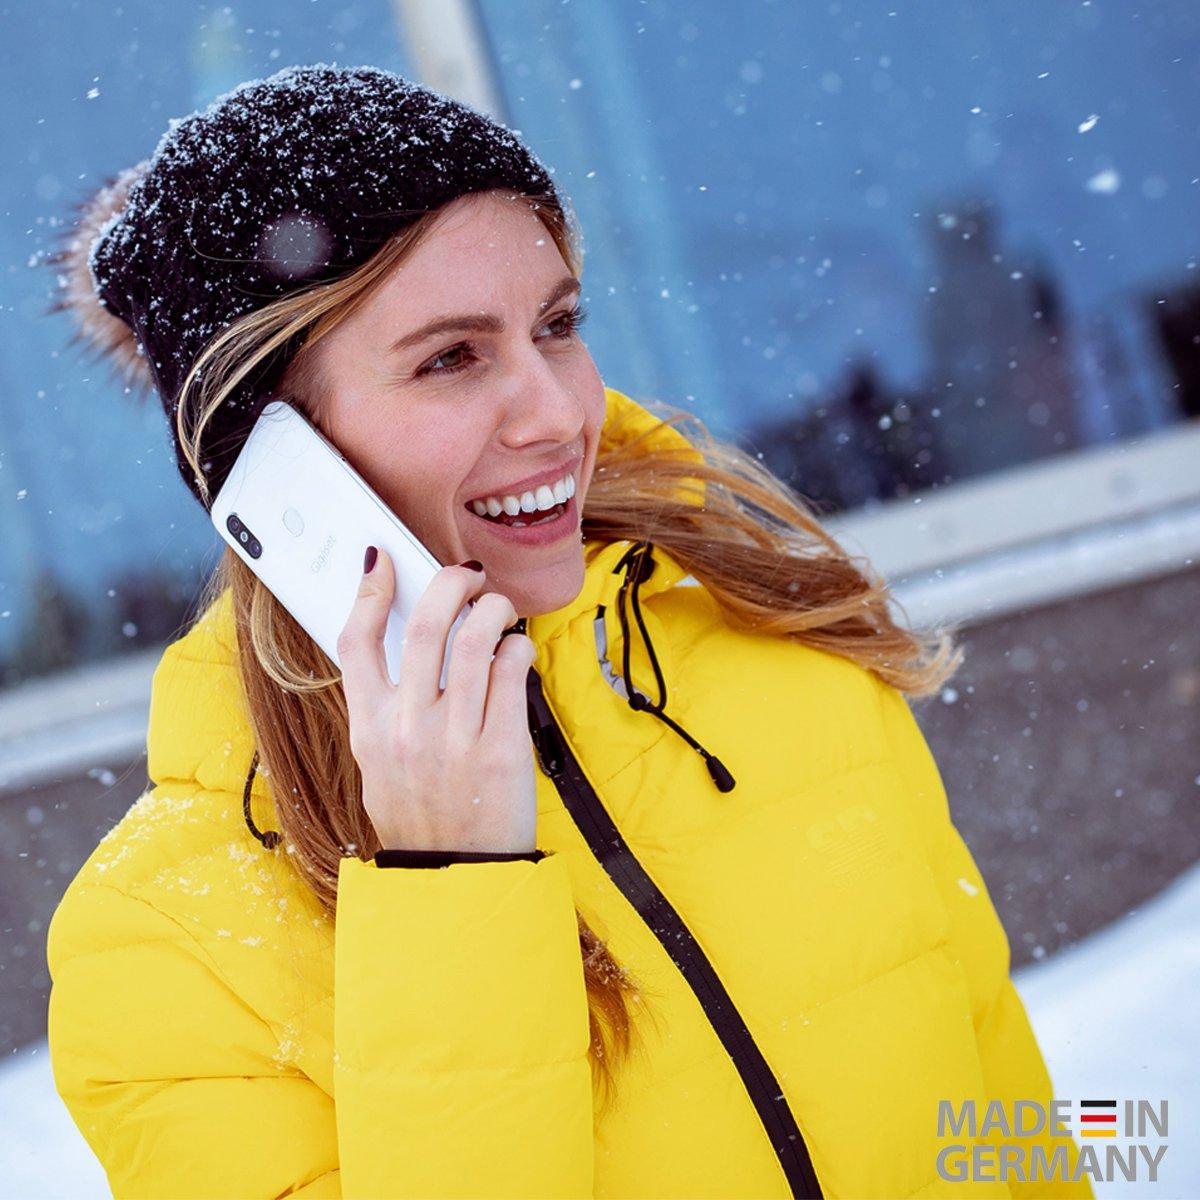 Der Winter ist zurück und das obwohl am 1.3. doch meteorologische Frühlingsanfang ist... Na, wer bekommt von der weißen Pracht nicht genug?   Also unsere weiße Pracht heißt #GS290 und die kann man auch im Sommer genießen. #mygigasetmoment #smartphone #madeingermanypic.twitter.com/oyZQmjqPNQ